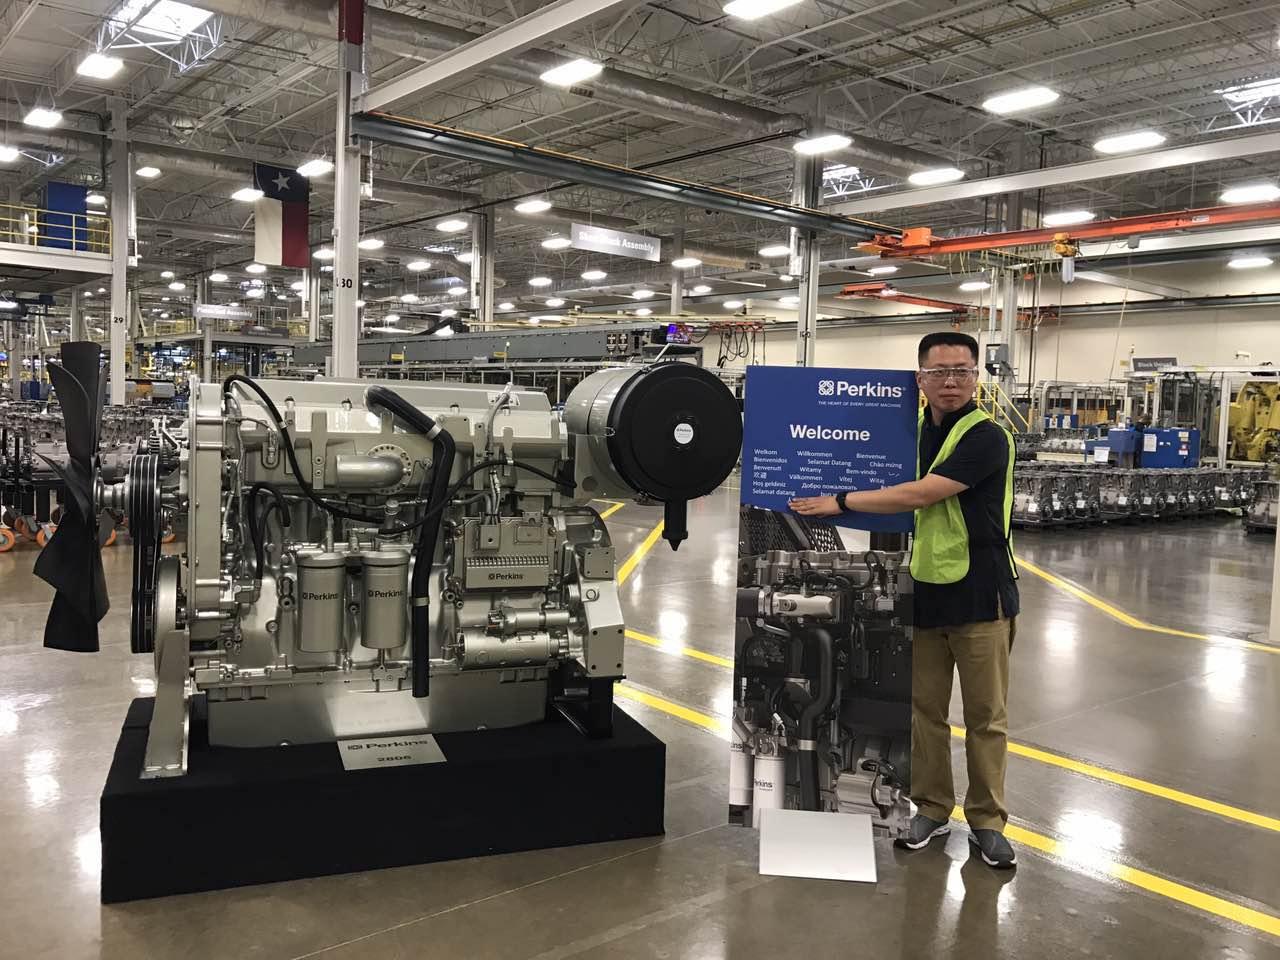 首帆动力董事长杜剑峰先生在美国卡特彼勒工厂与珀金斯发动机合影